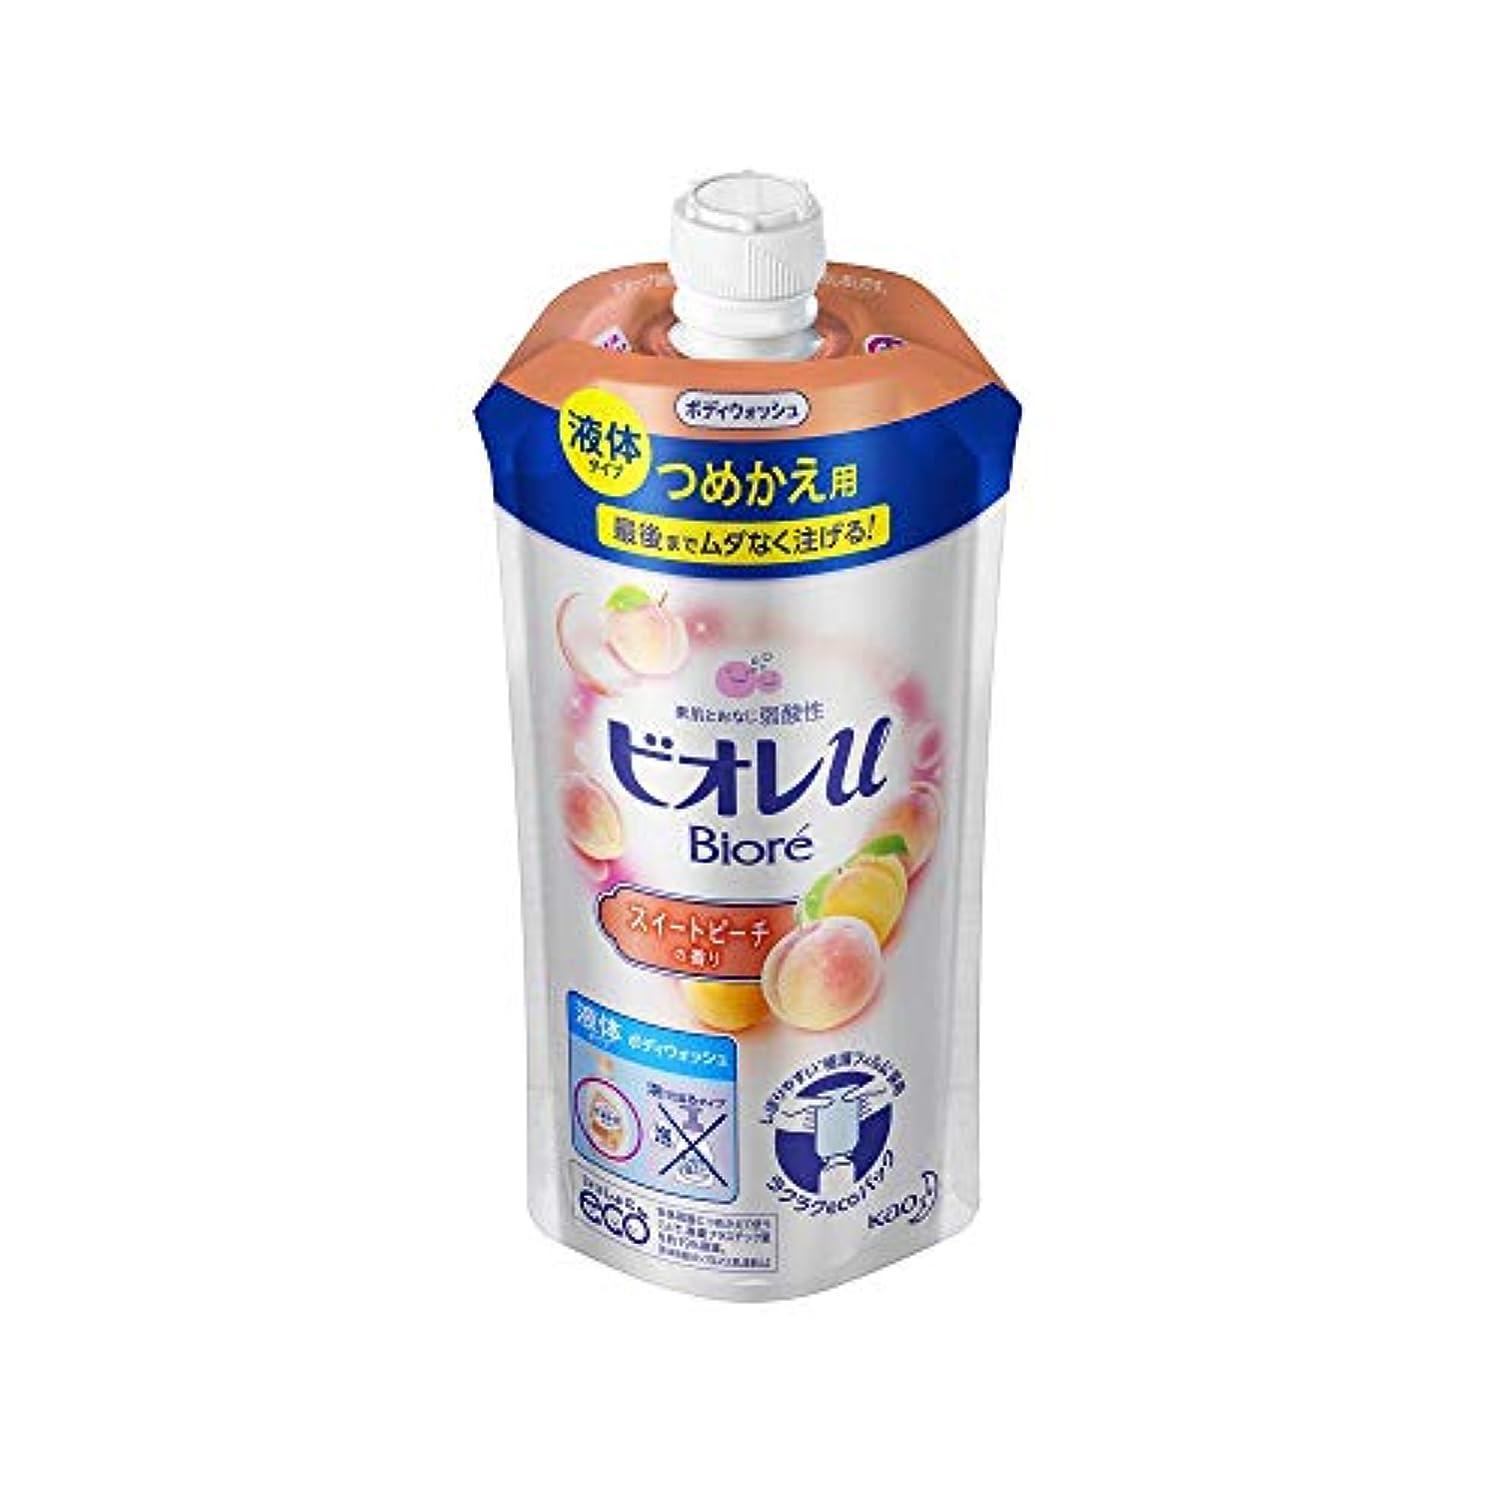 今晩変えるええ花王 ビオレu スイートピーチの香りつめかえ用 340ML